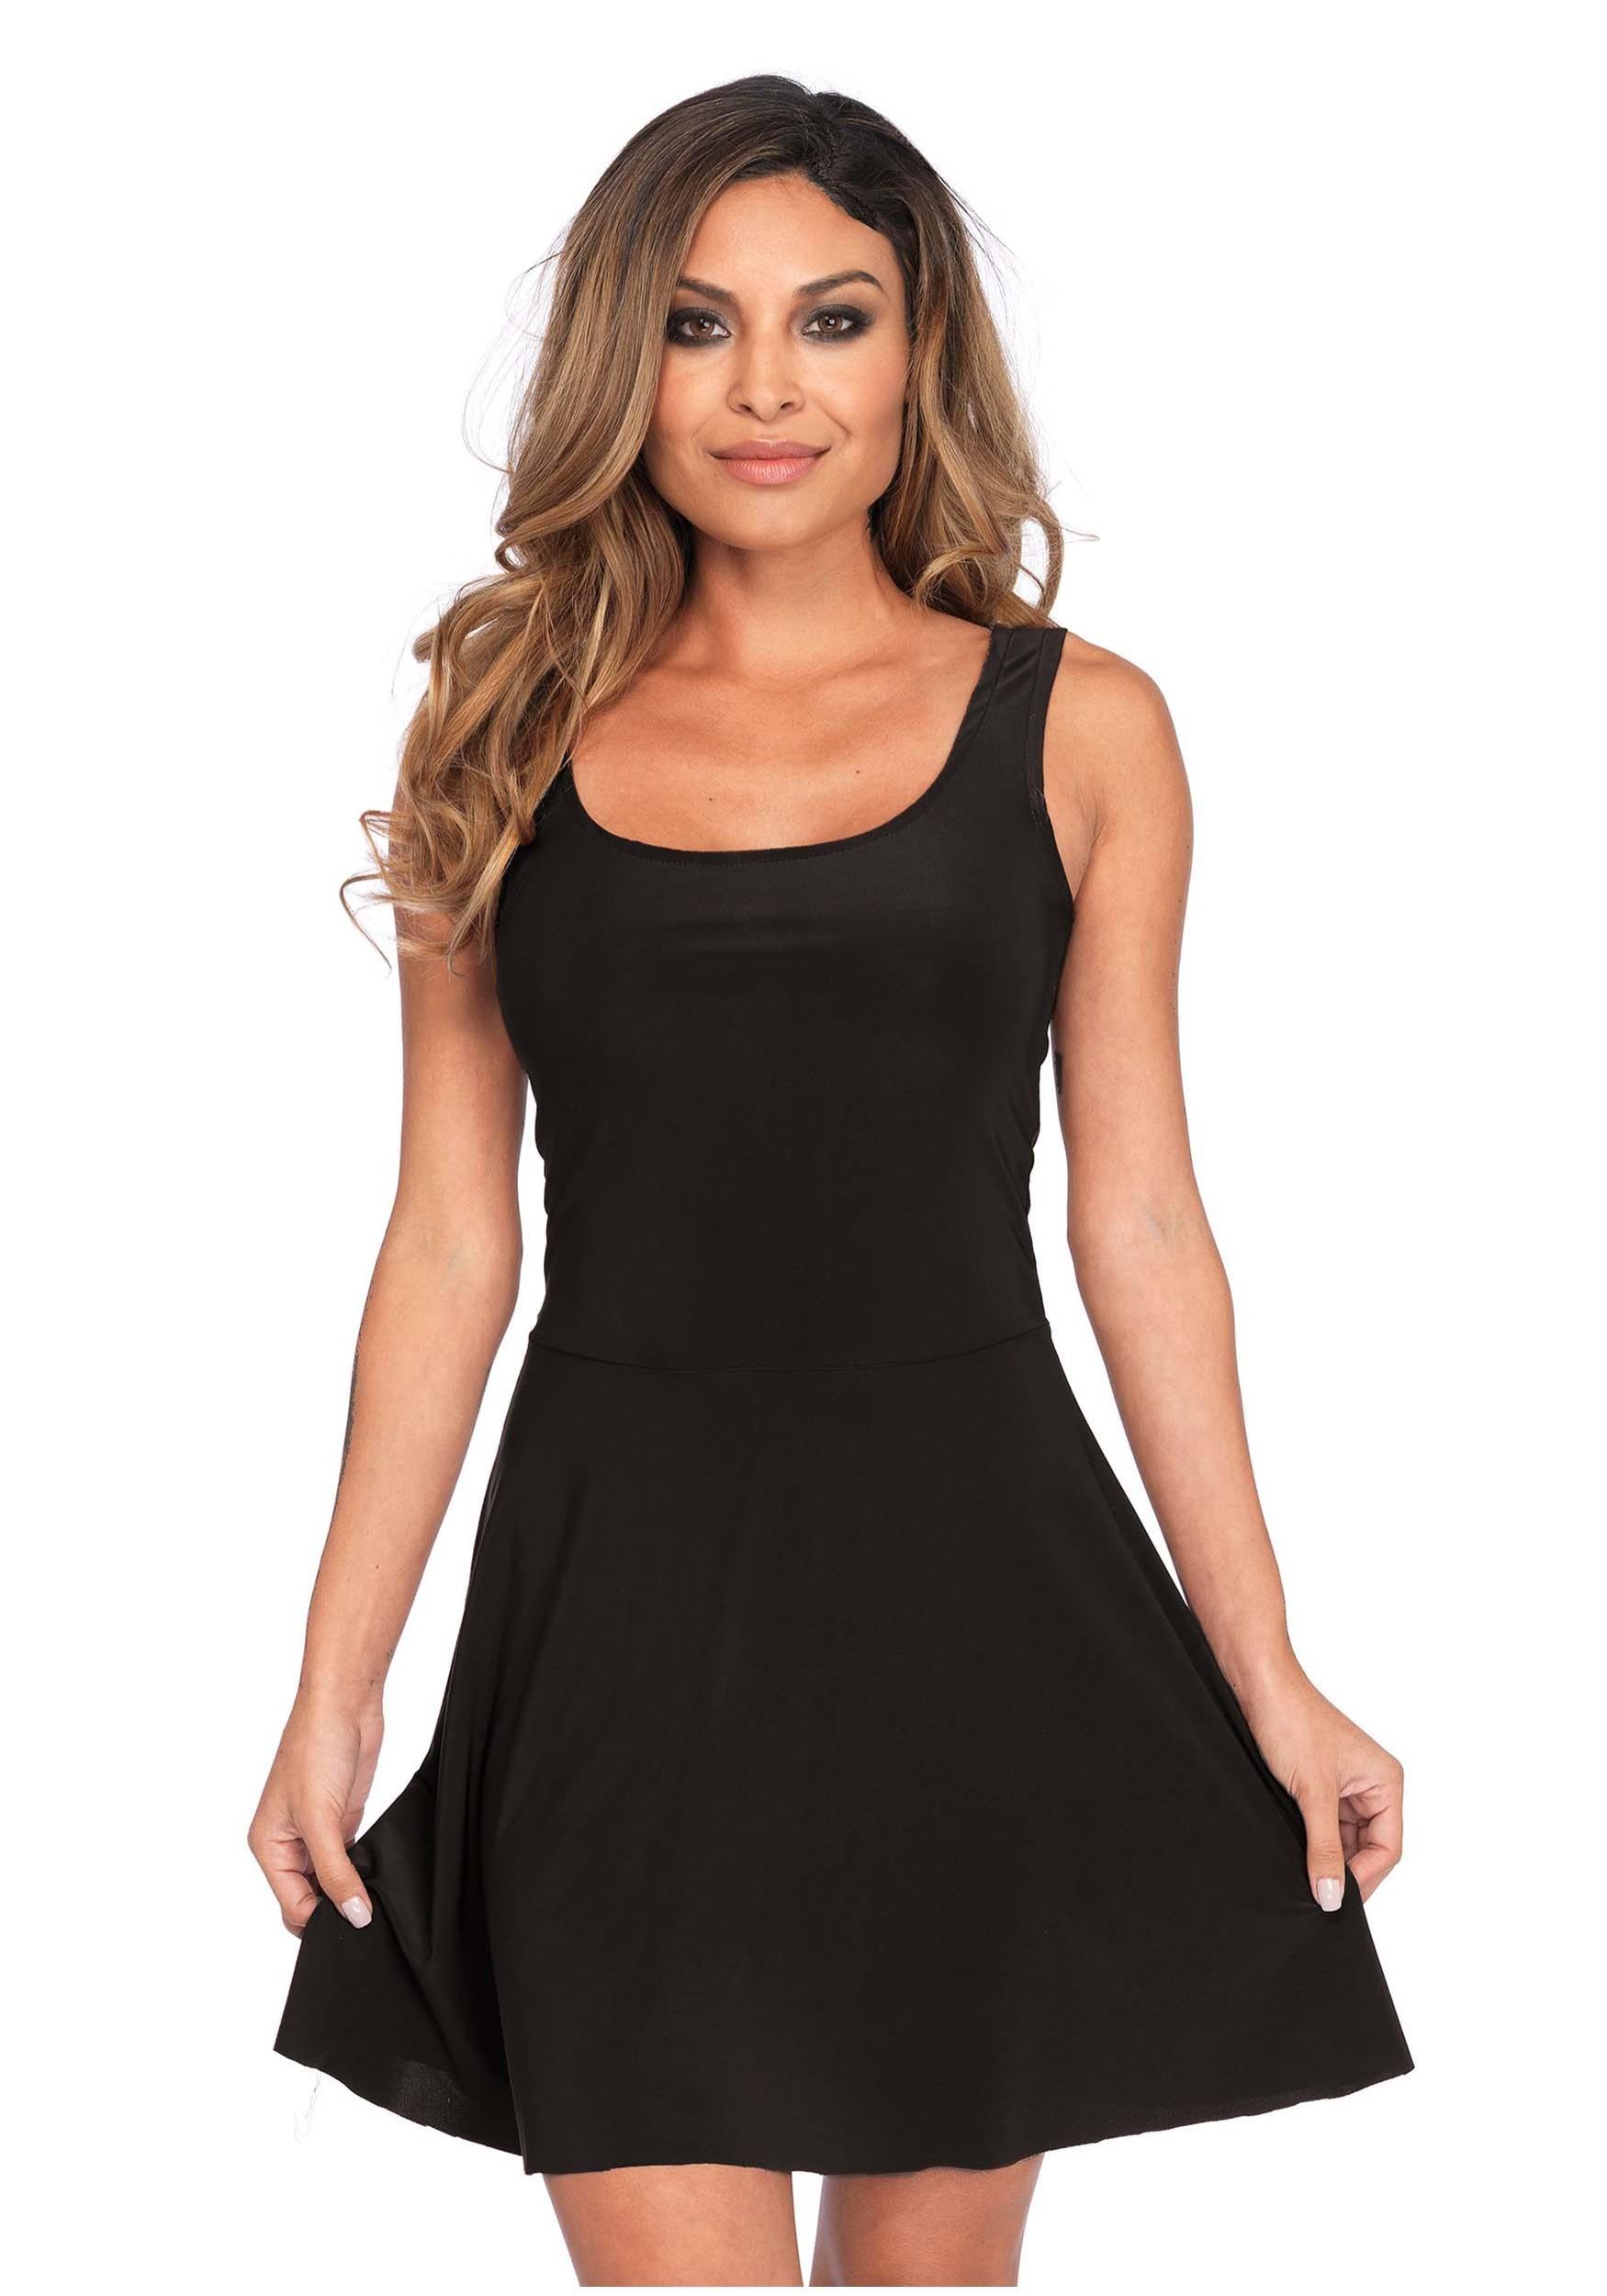 fac8be58ffae Basic Black Skater Dress Costume for Women